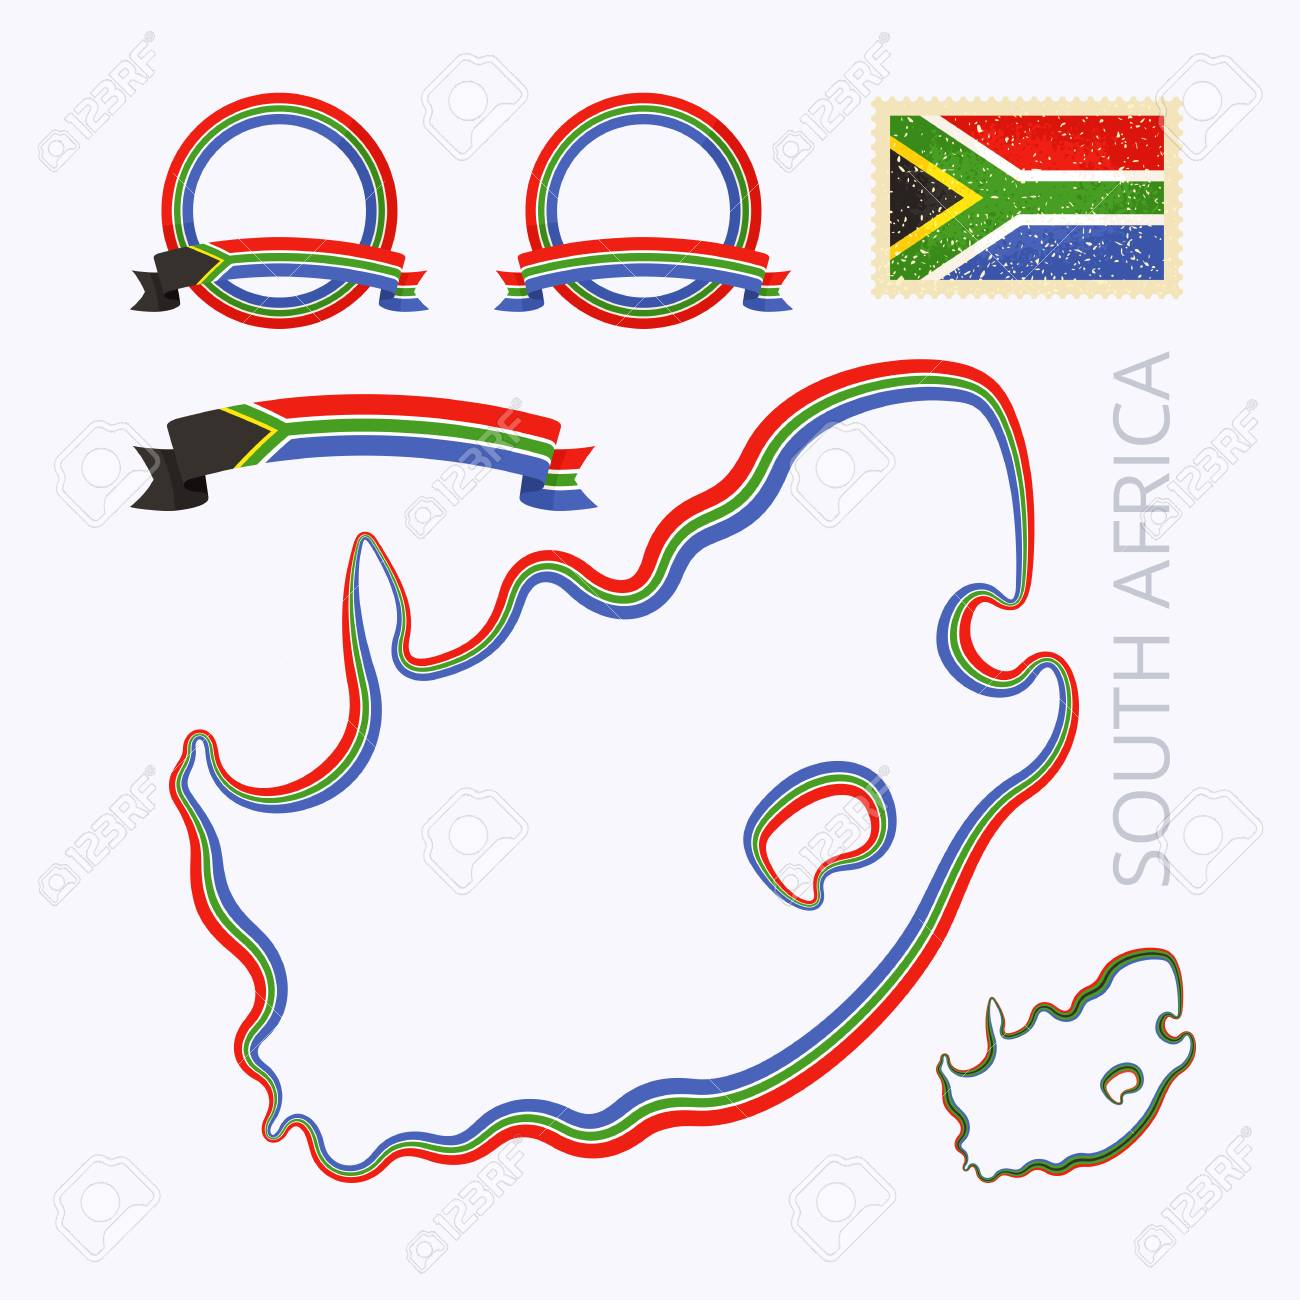 Cartina Muta Del Sudafrica.Vettoriale Schema Mappa Del Sud Africa Confine E Segnato Con Nastro In Colori Nazionali Il Pacchetto Contiene Frame In Colori Nazionali E Timbro Con La Bandiera Image 53803030